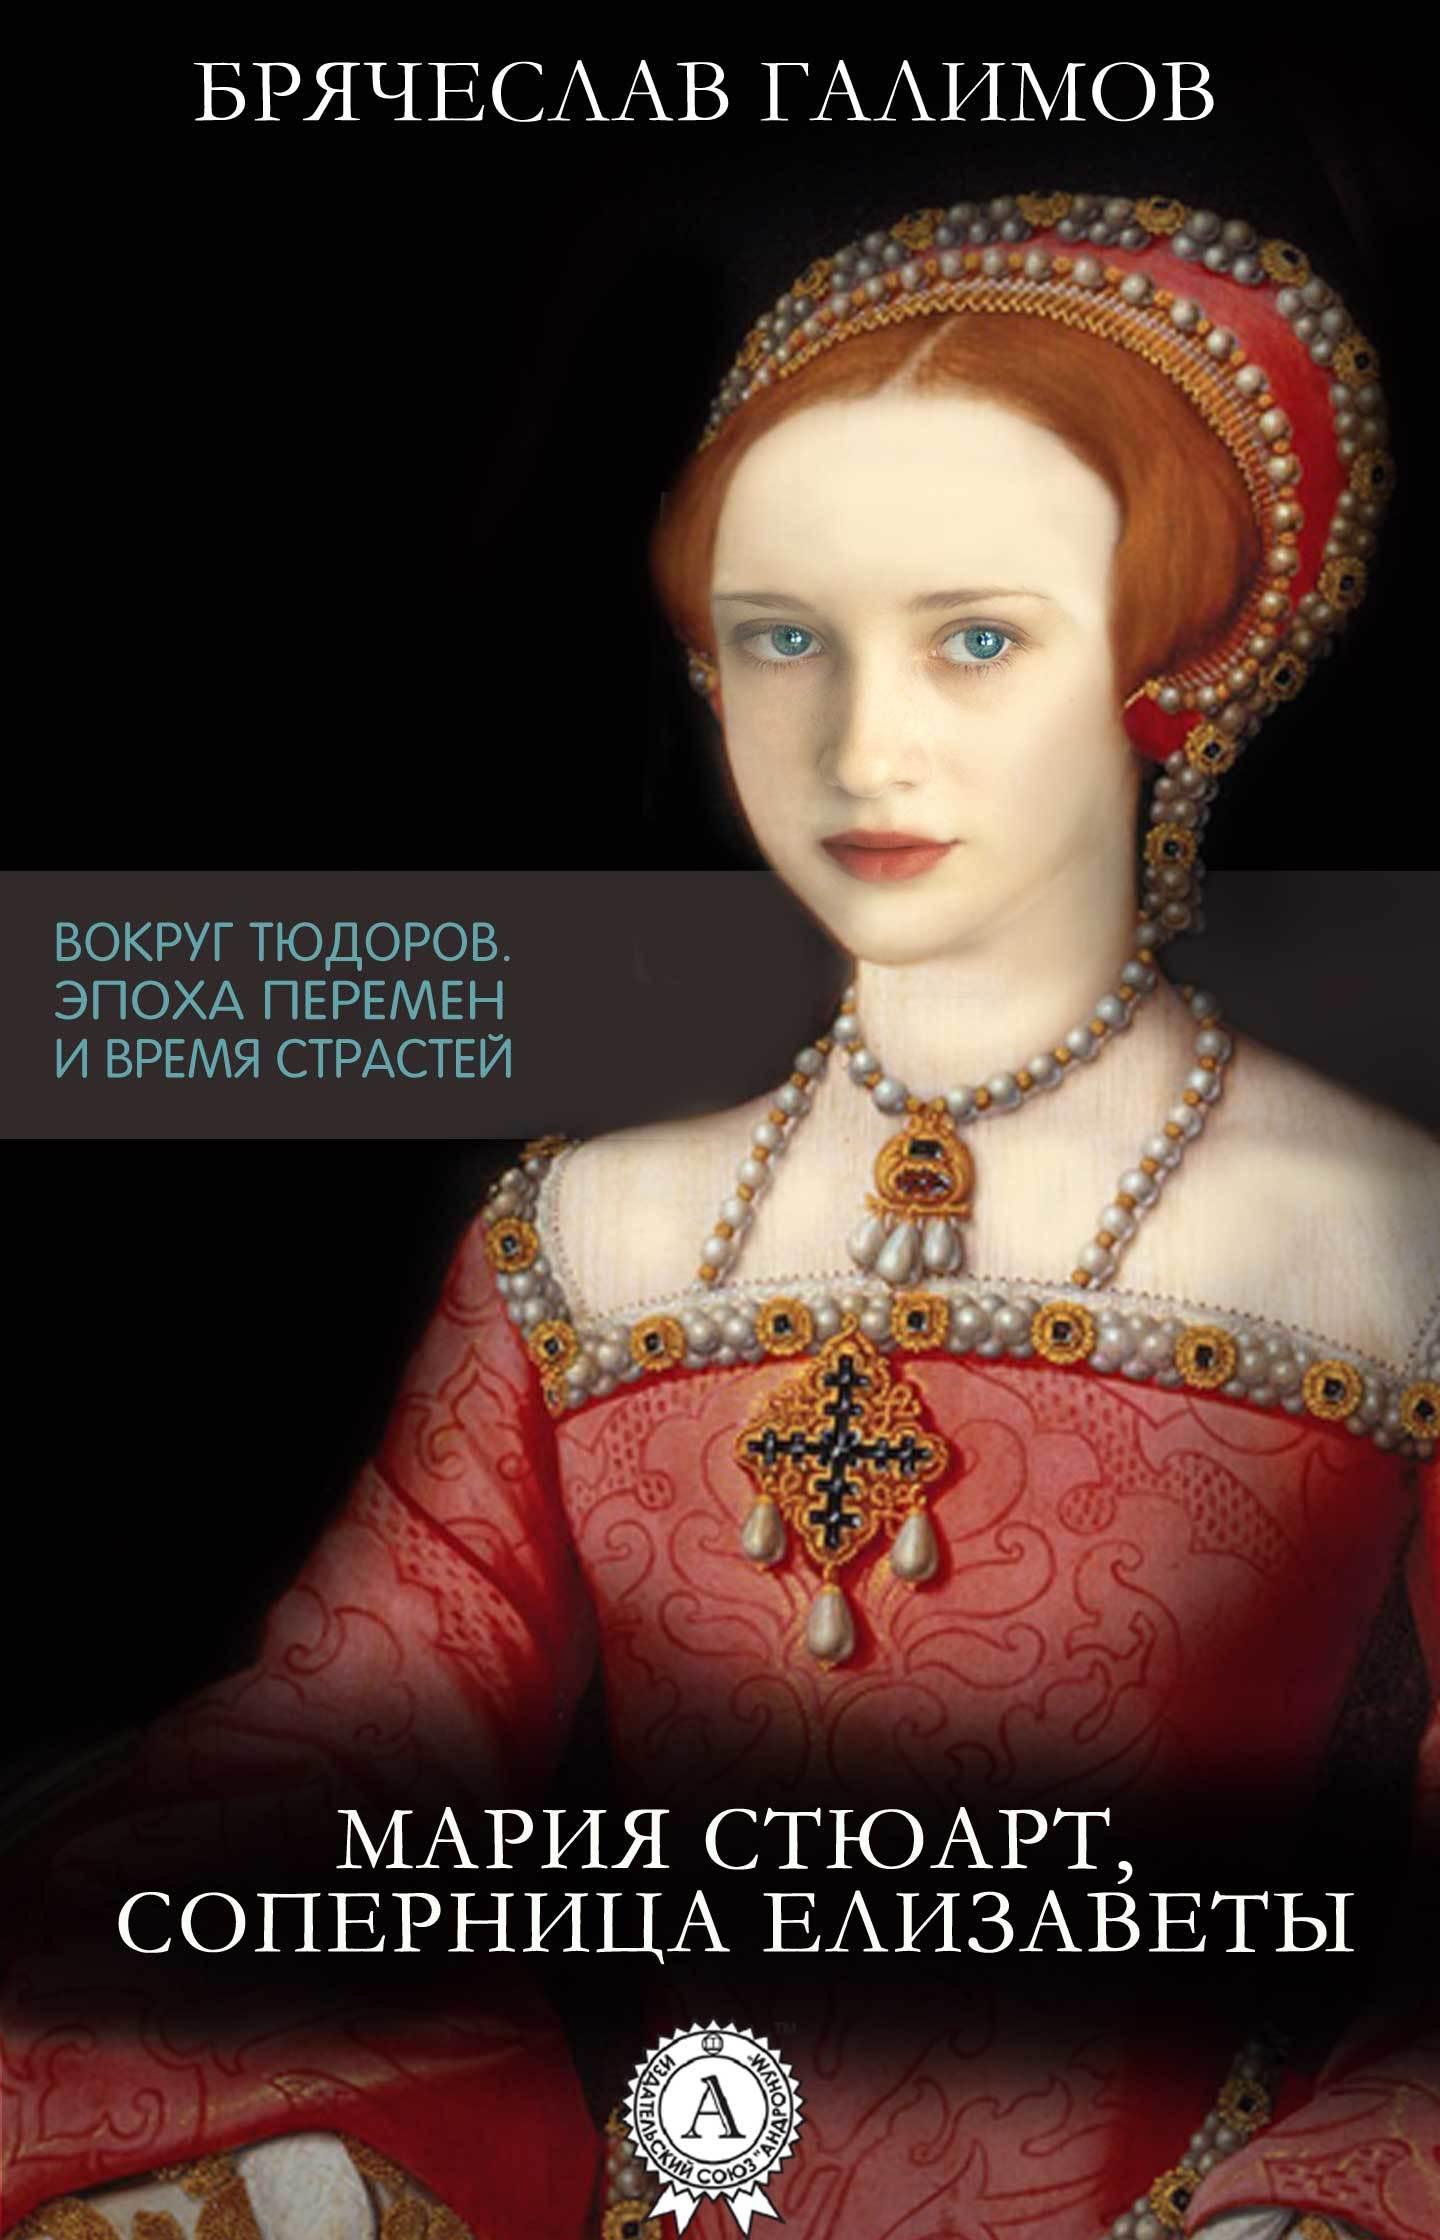 Галимов Брячеслав Мария Стюарт, соперница Елизаветы ольга дмитриева елизавета тюдор